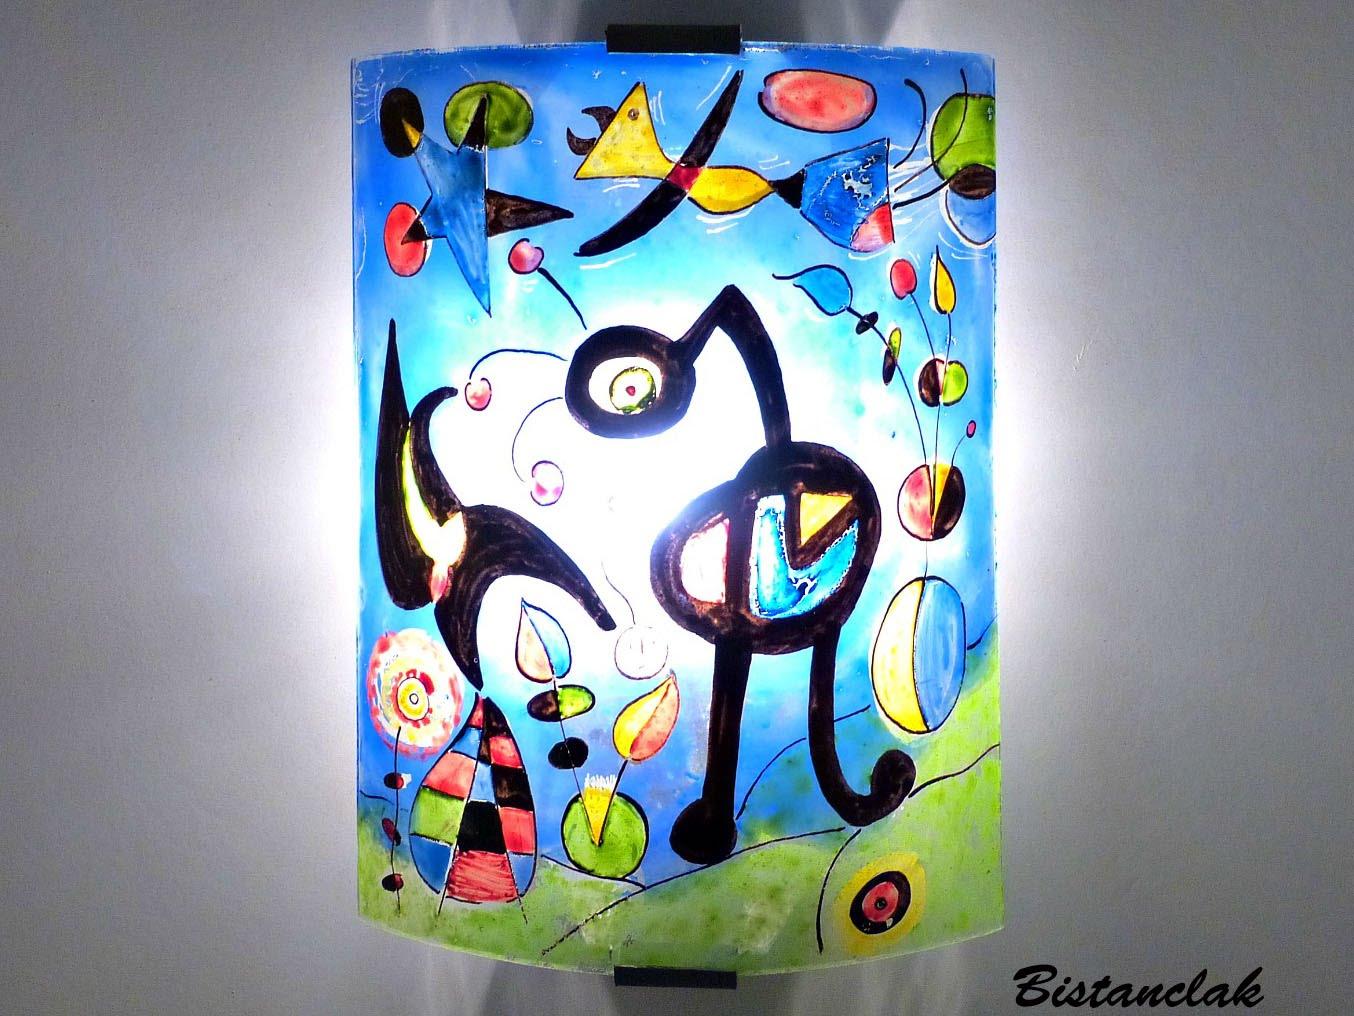 Applique fantaisie bleu et multicolore motif le jardin de miro; création artisanale française